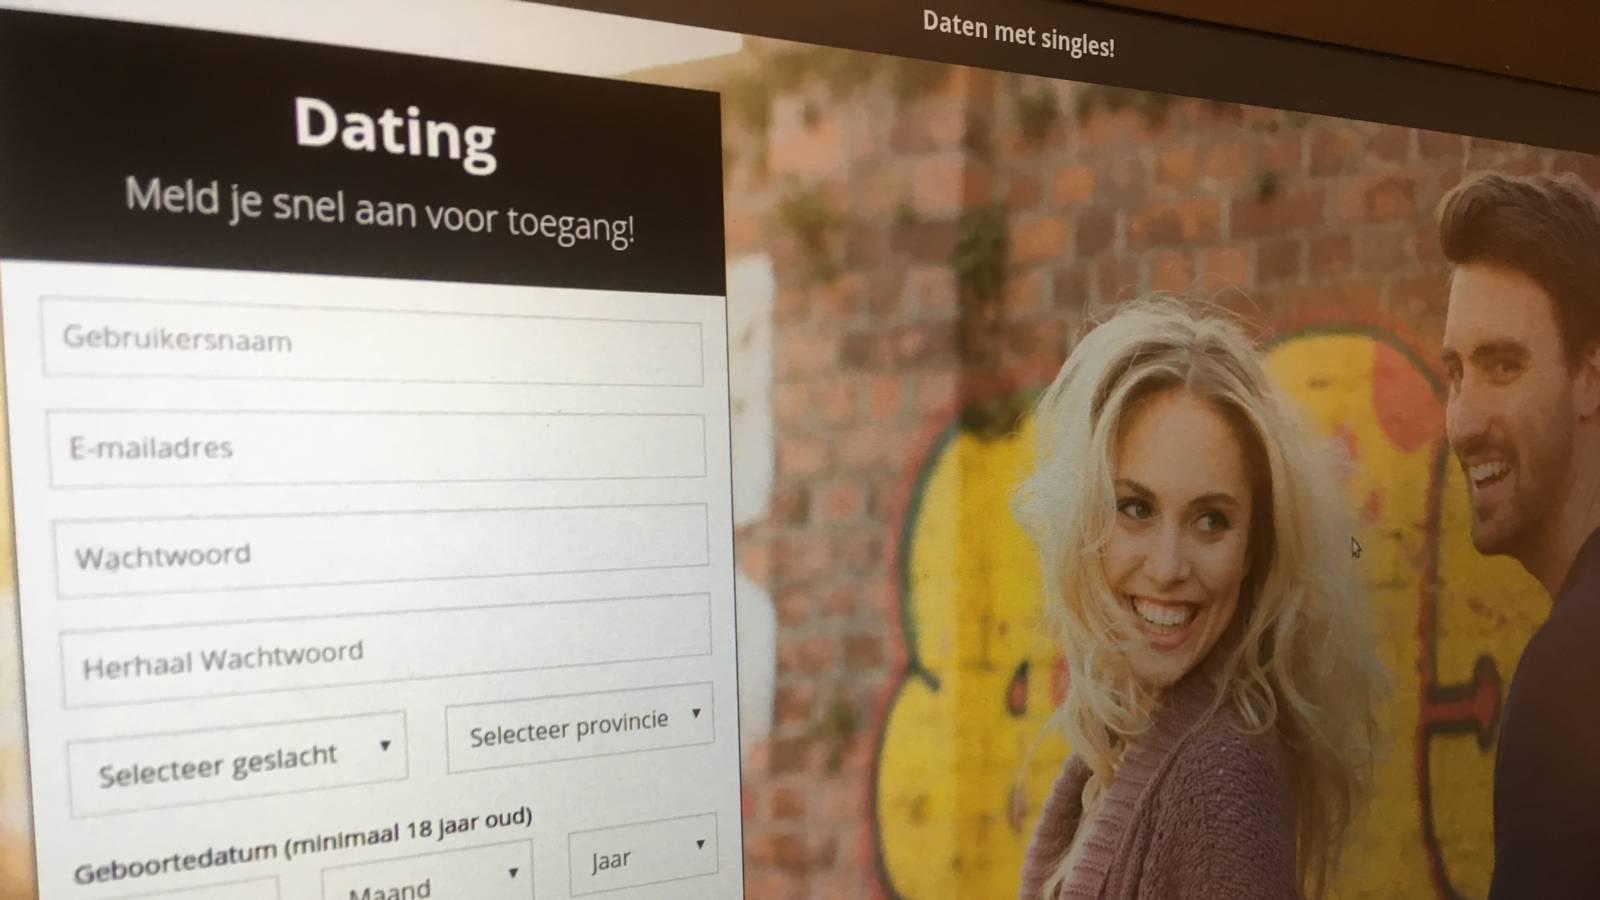 Overzicht kosten datingsites